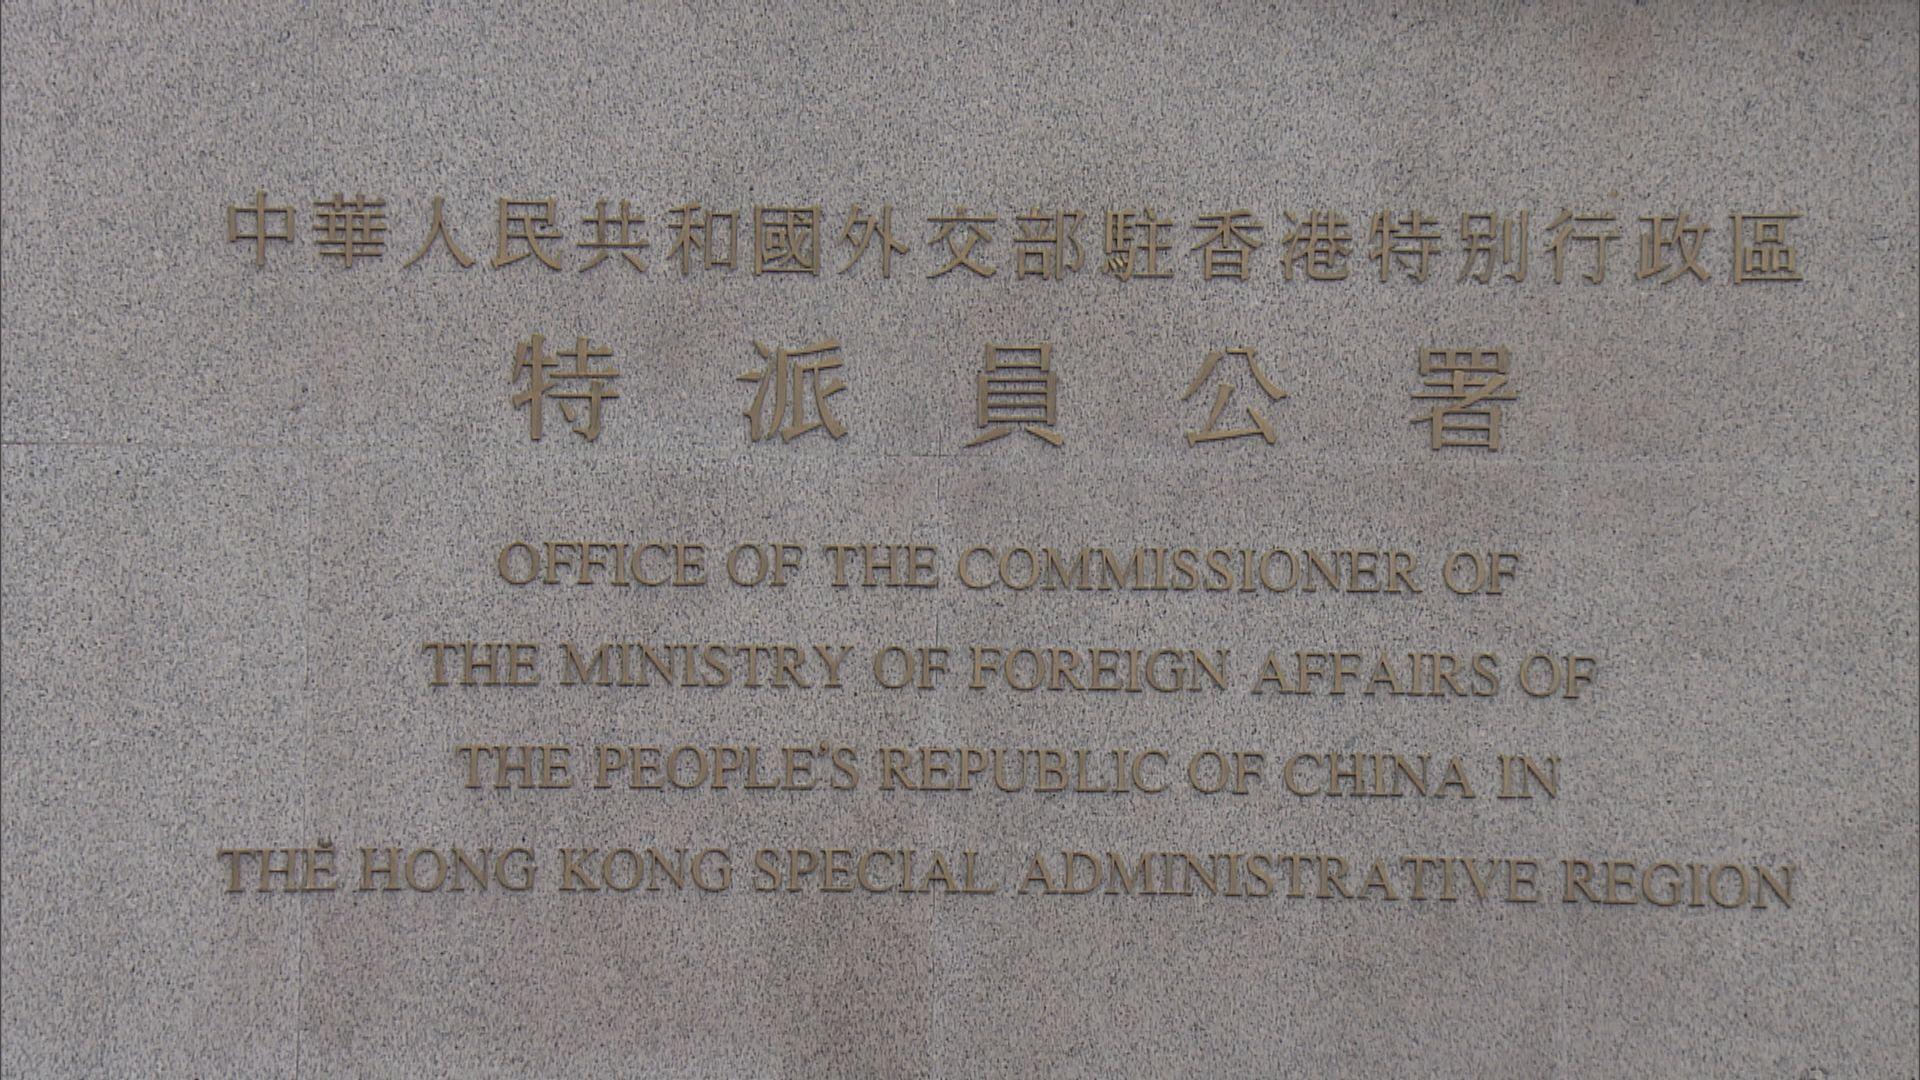 外交部:中央支持尊重理解政府暫緩修例